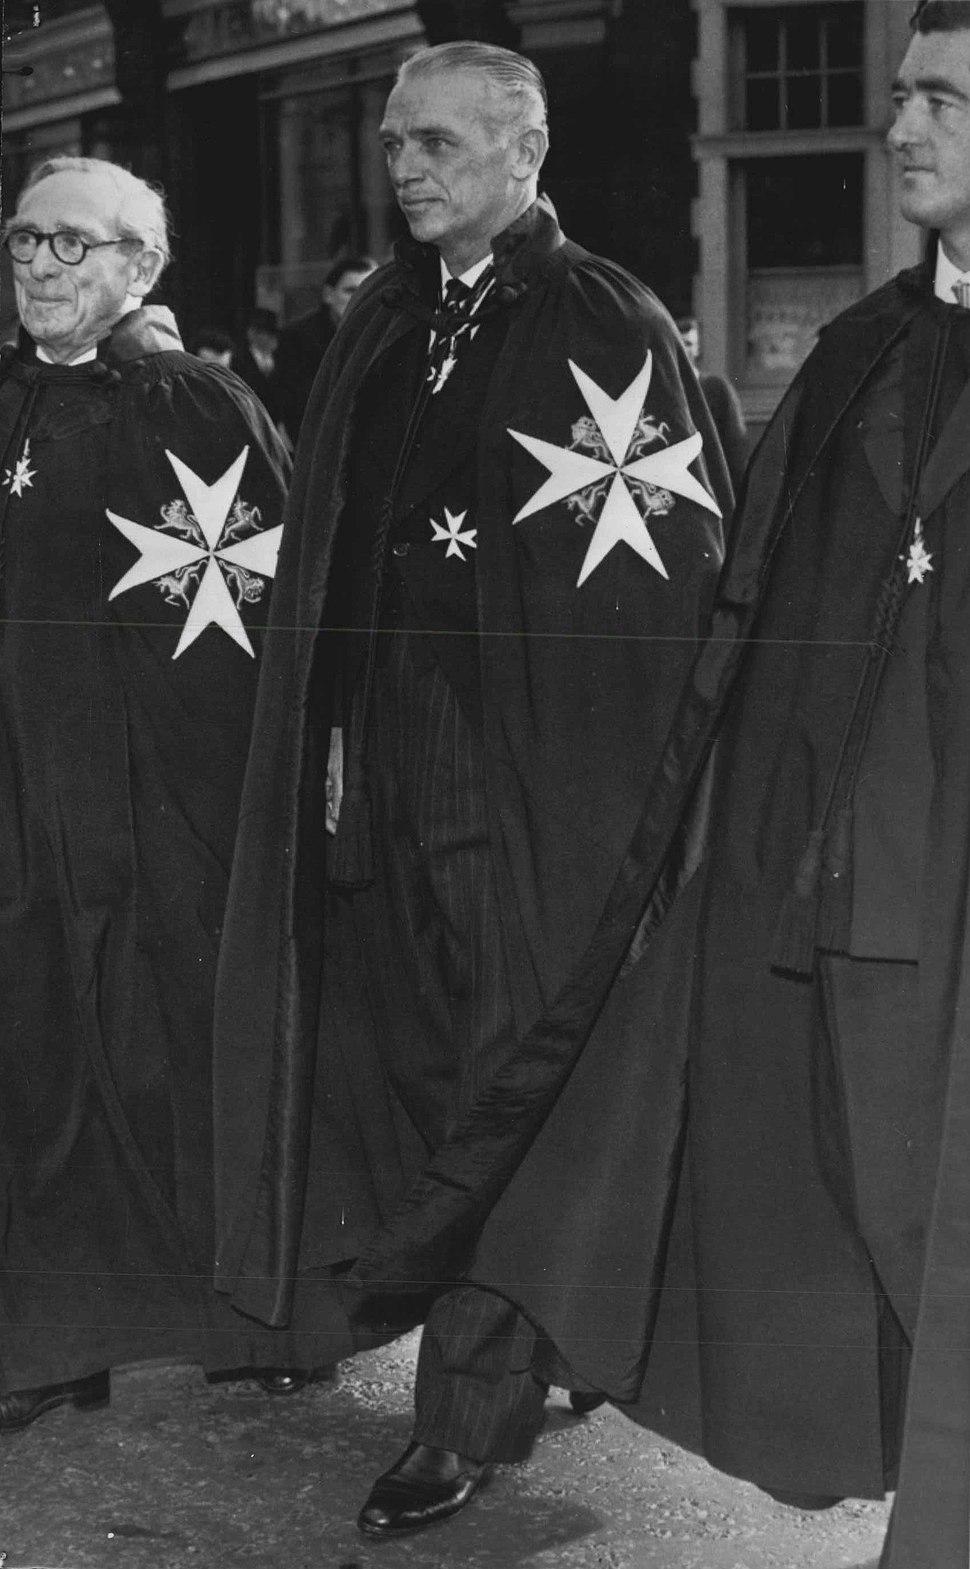 Douglas Fairbanks KStJ 1958